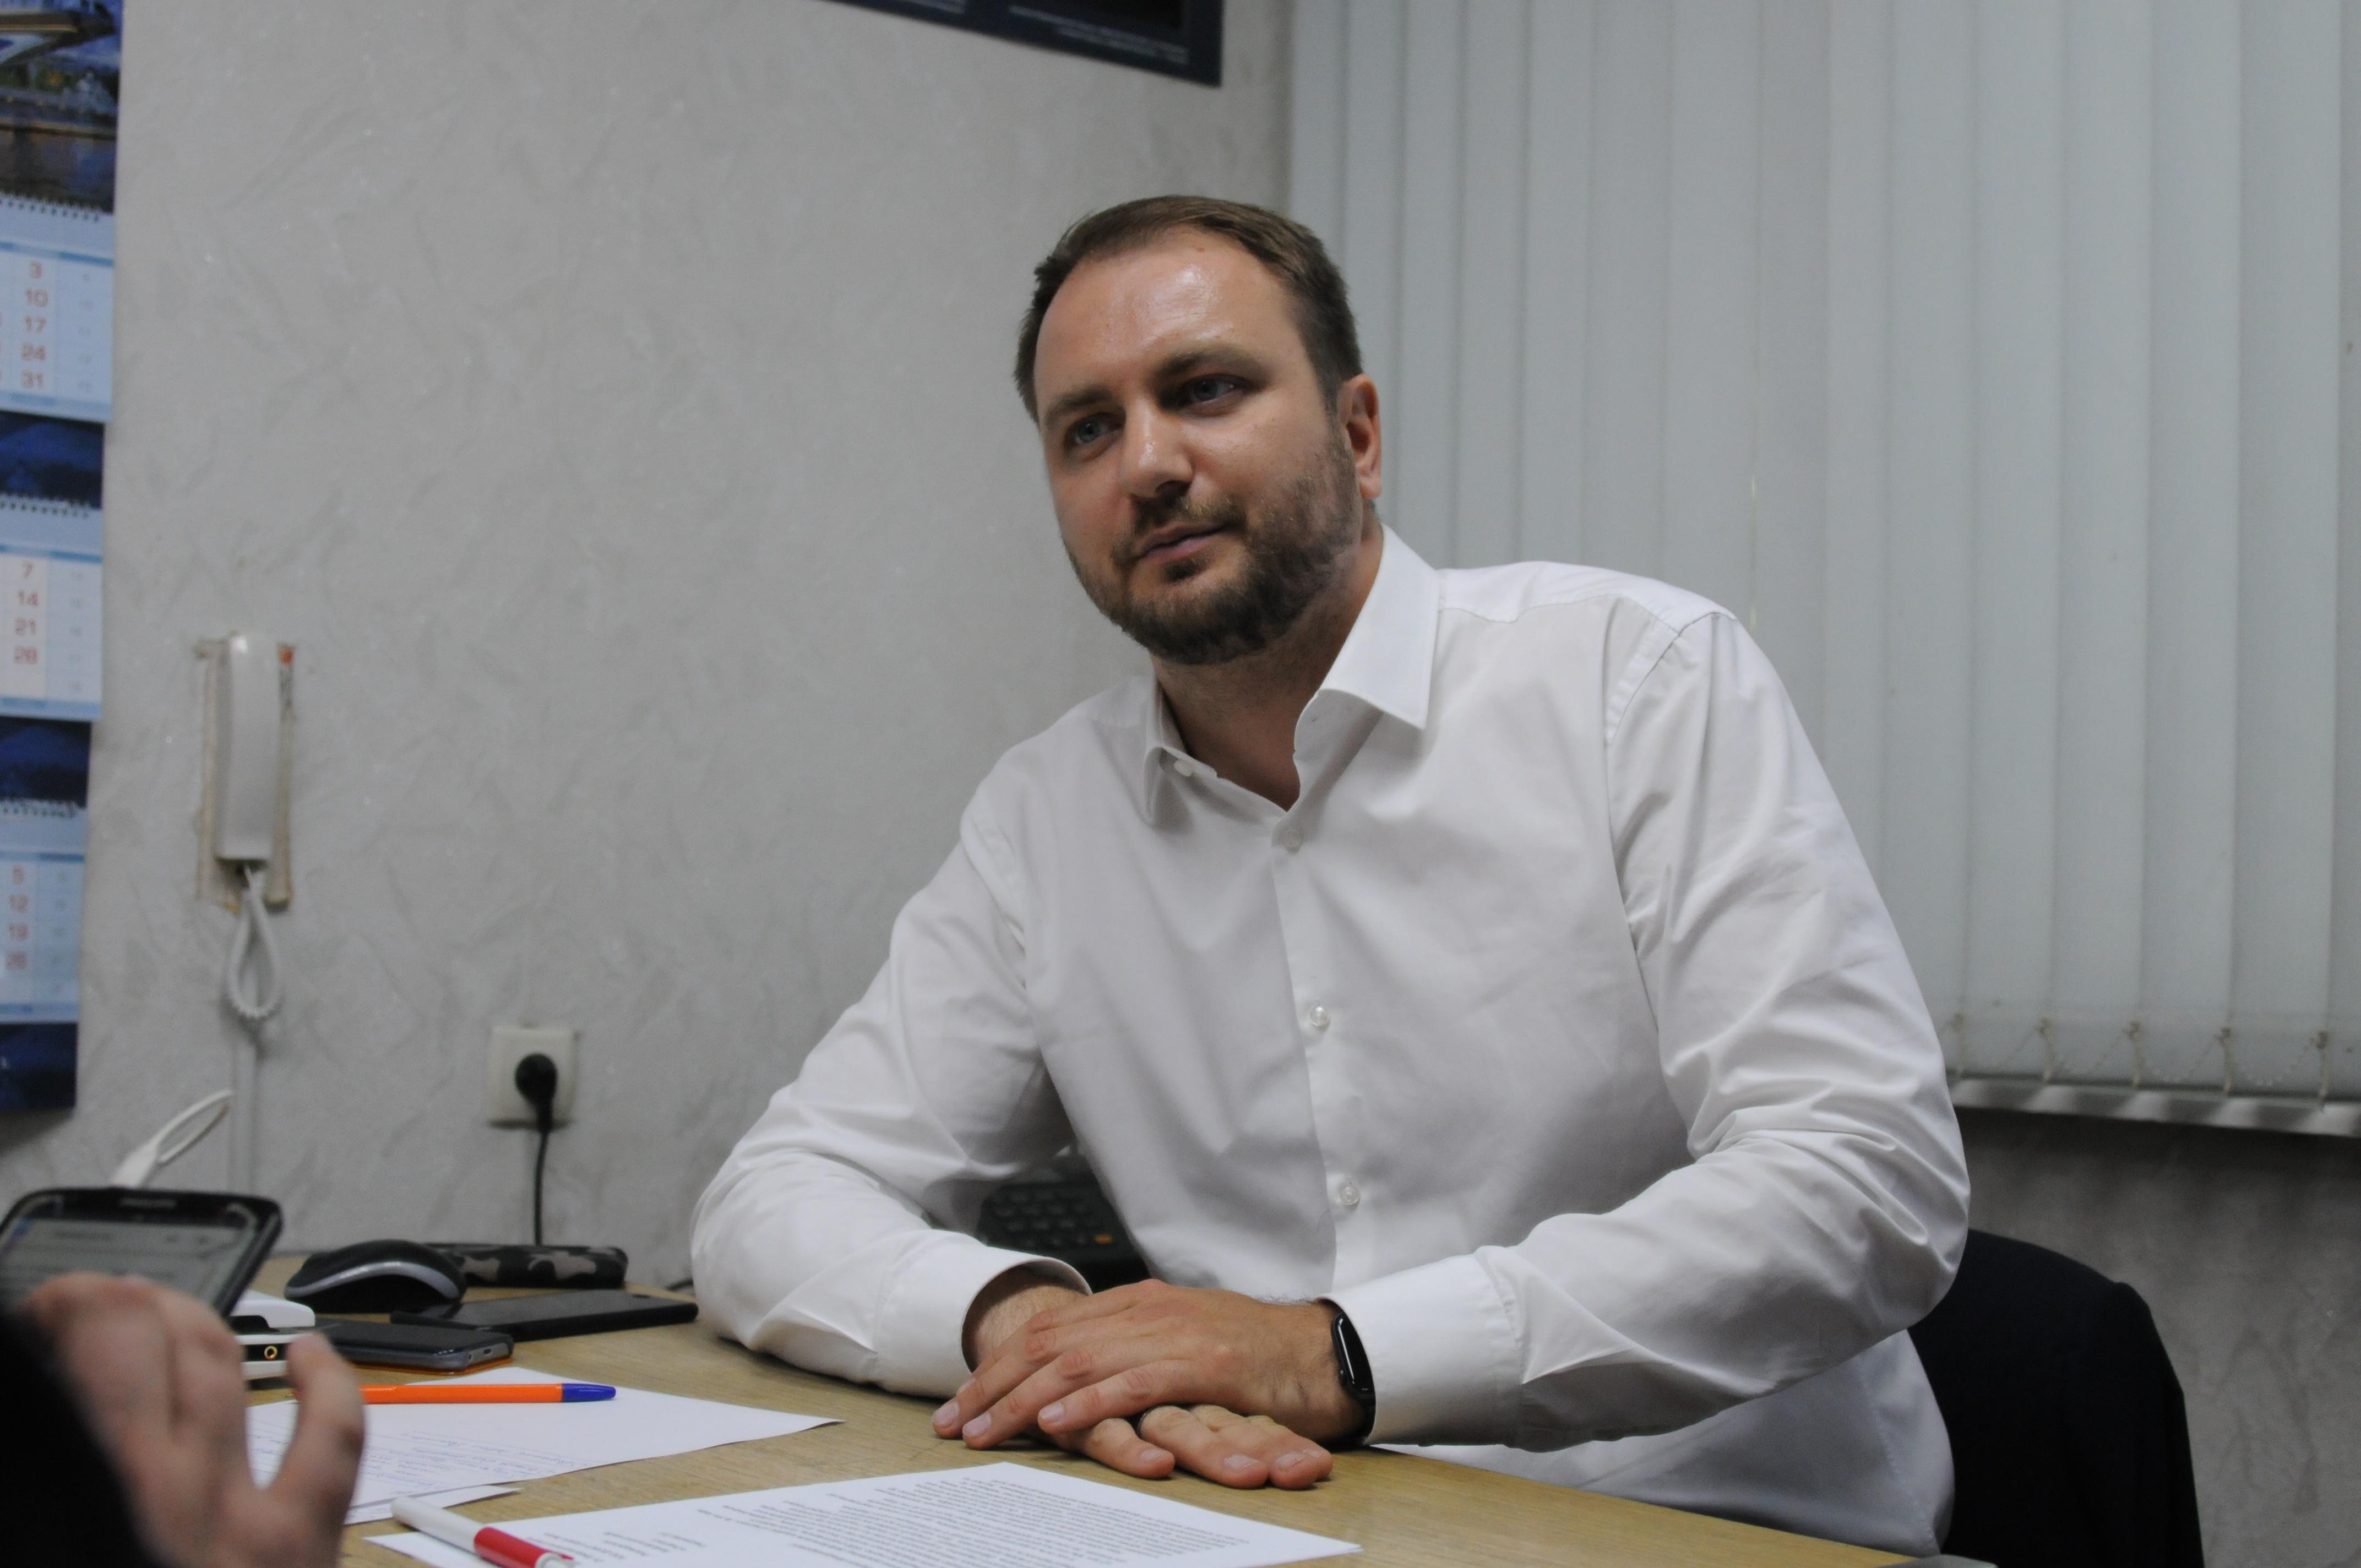 Депутат Мосгордумы Щитов: За последние годы транспортная система Москвы значительно эволюционировала